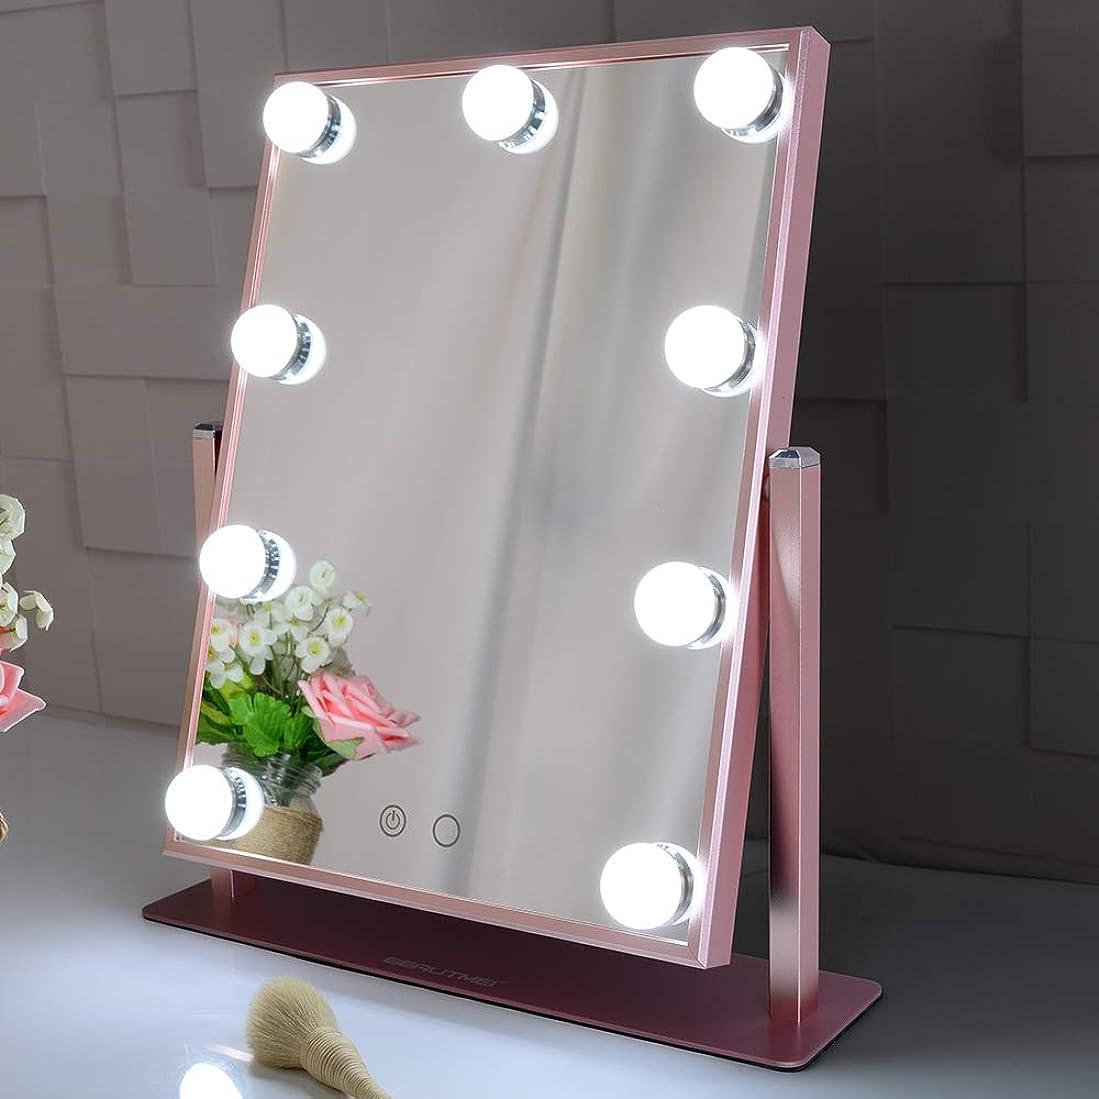 八百屋さんさようなら知覚的Wonstart 化粧鏡 女優ミラー 12個led電球付 2つの色温度 明るさ調整可 ハリウッドミラー 卓上鏡 ledミラー (ピンク)